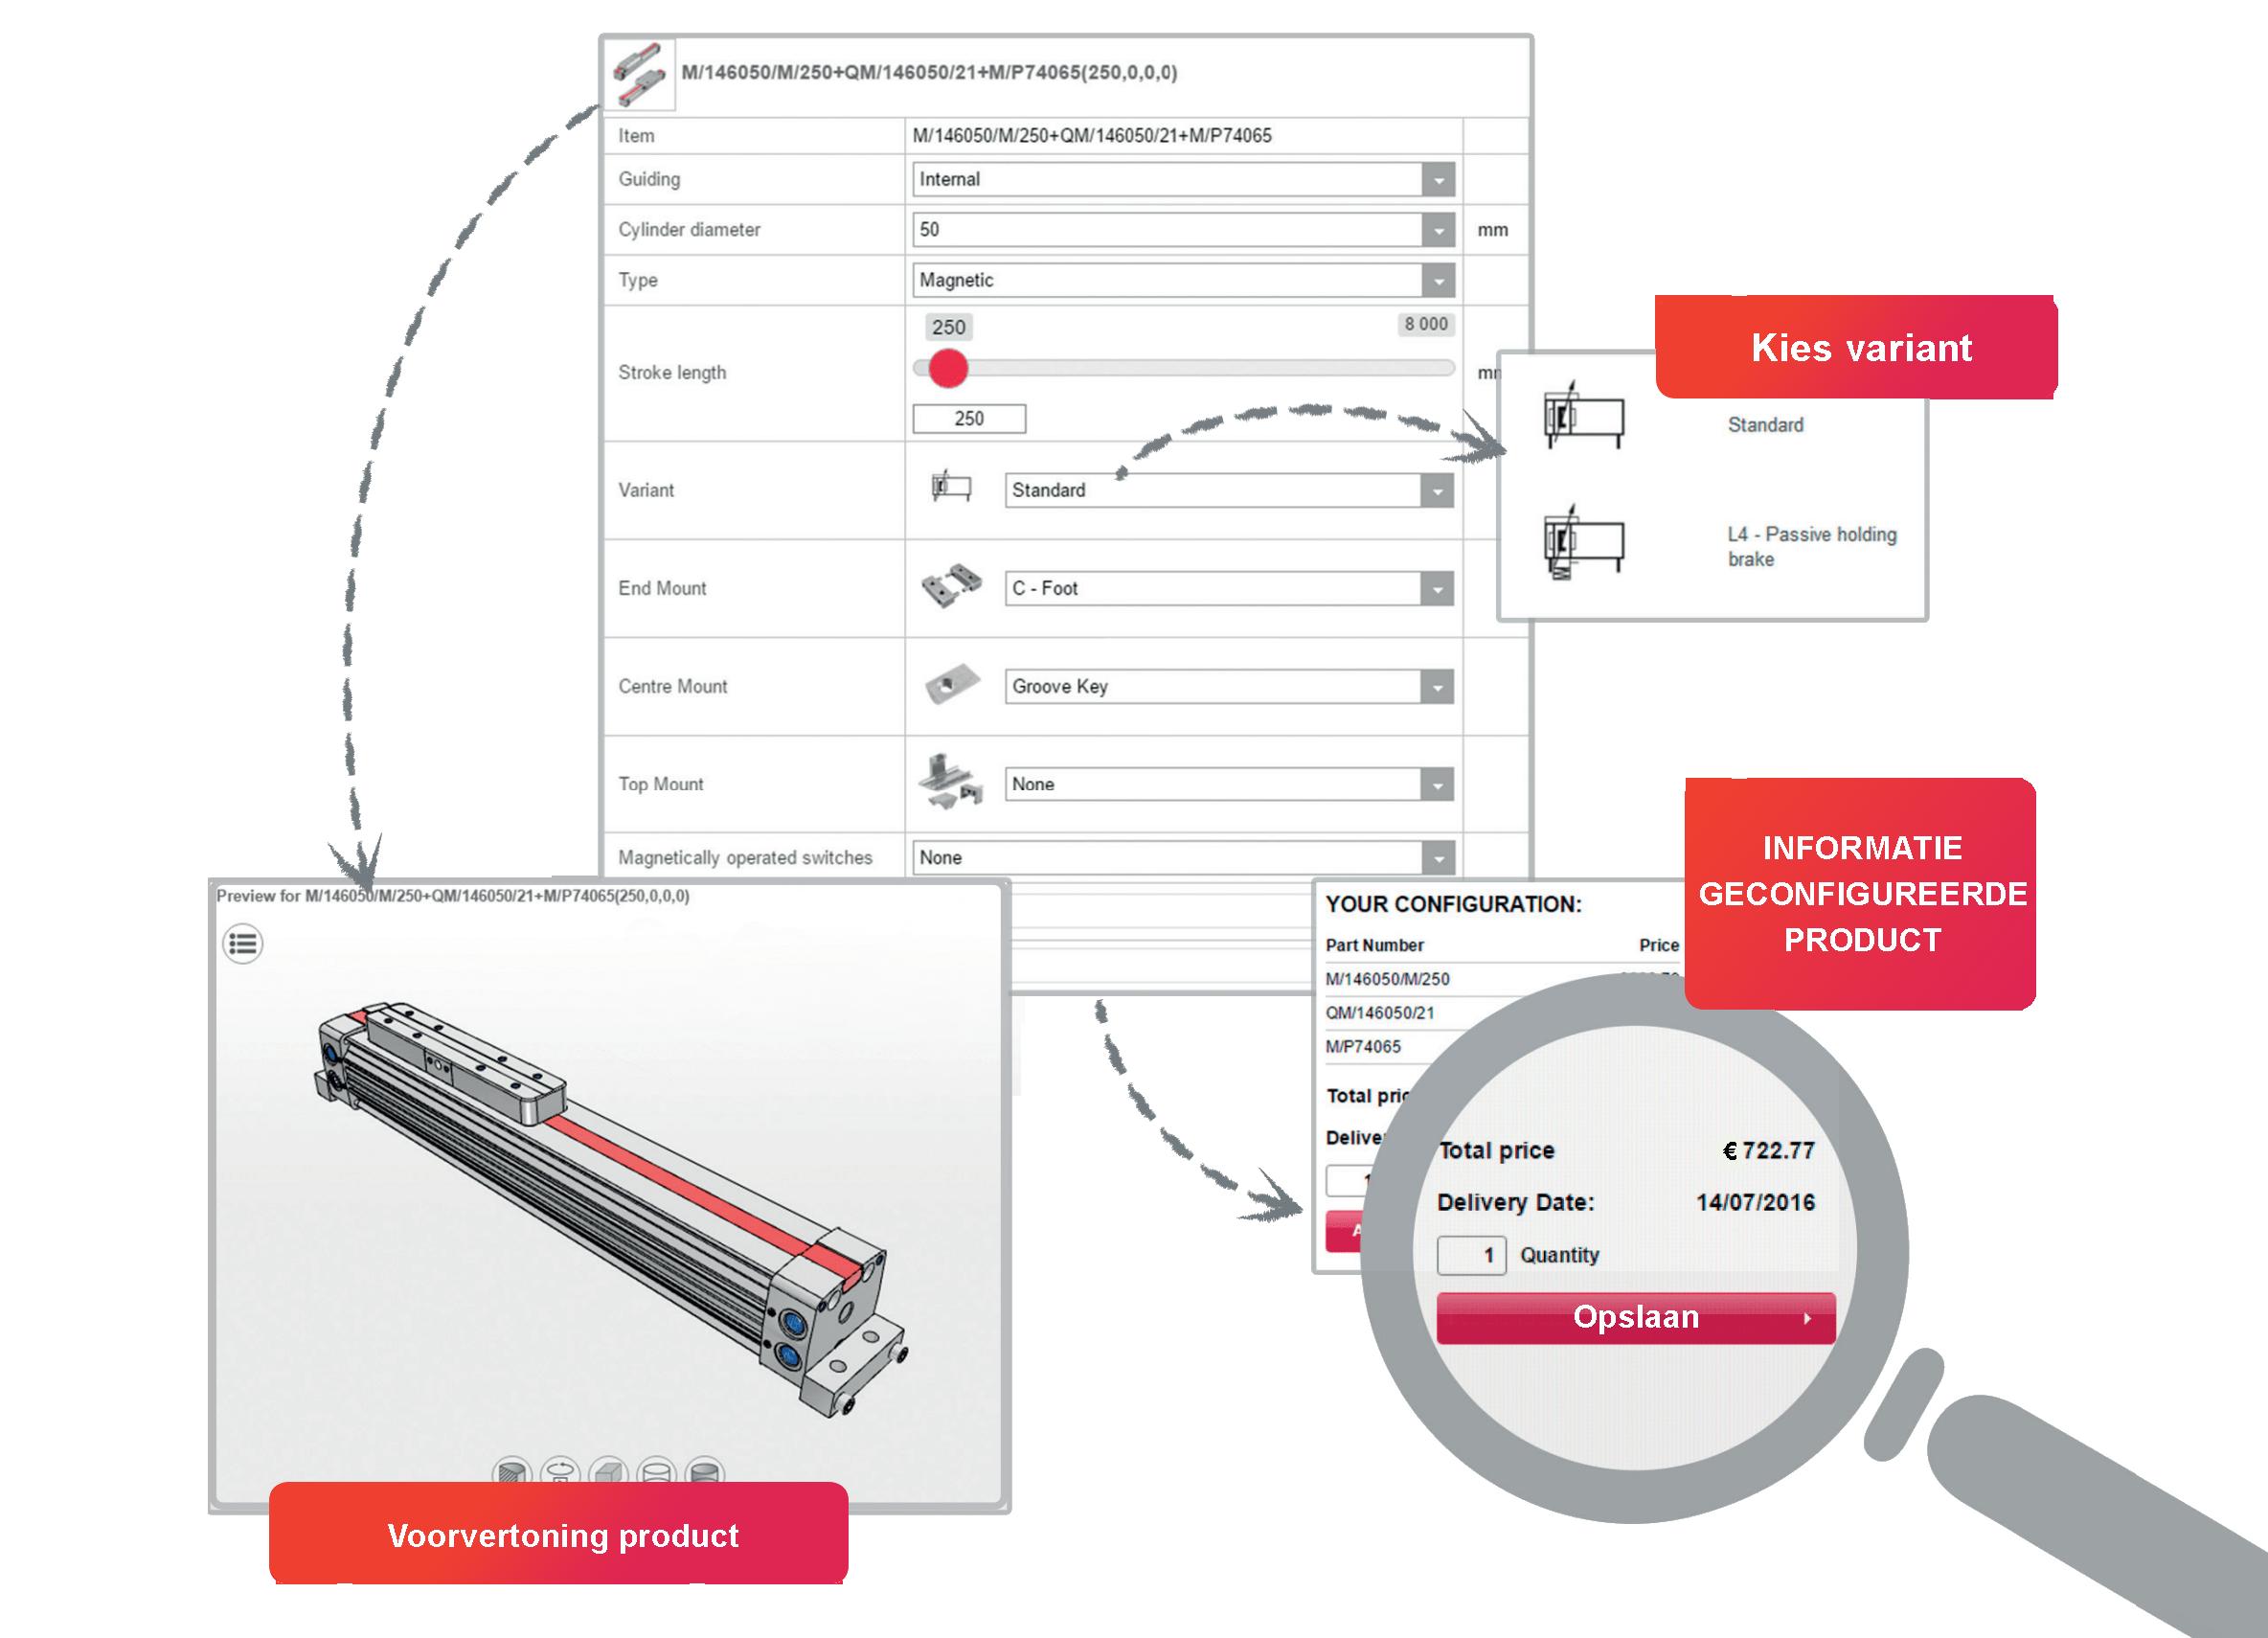 Configurator DataDossier configureer producten aan de hand van slimme Questionnaires /vragenlijsten